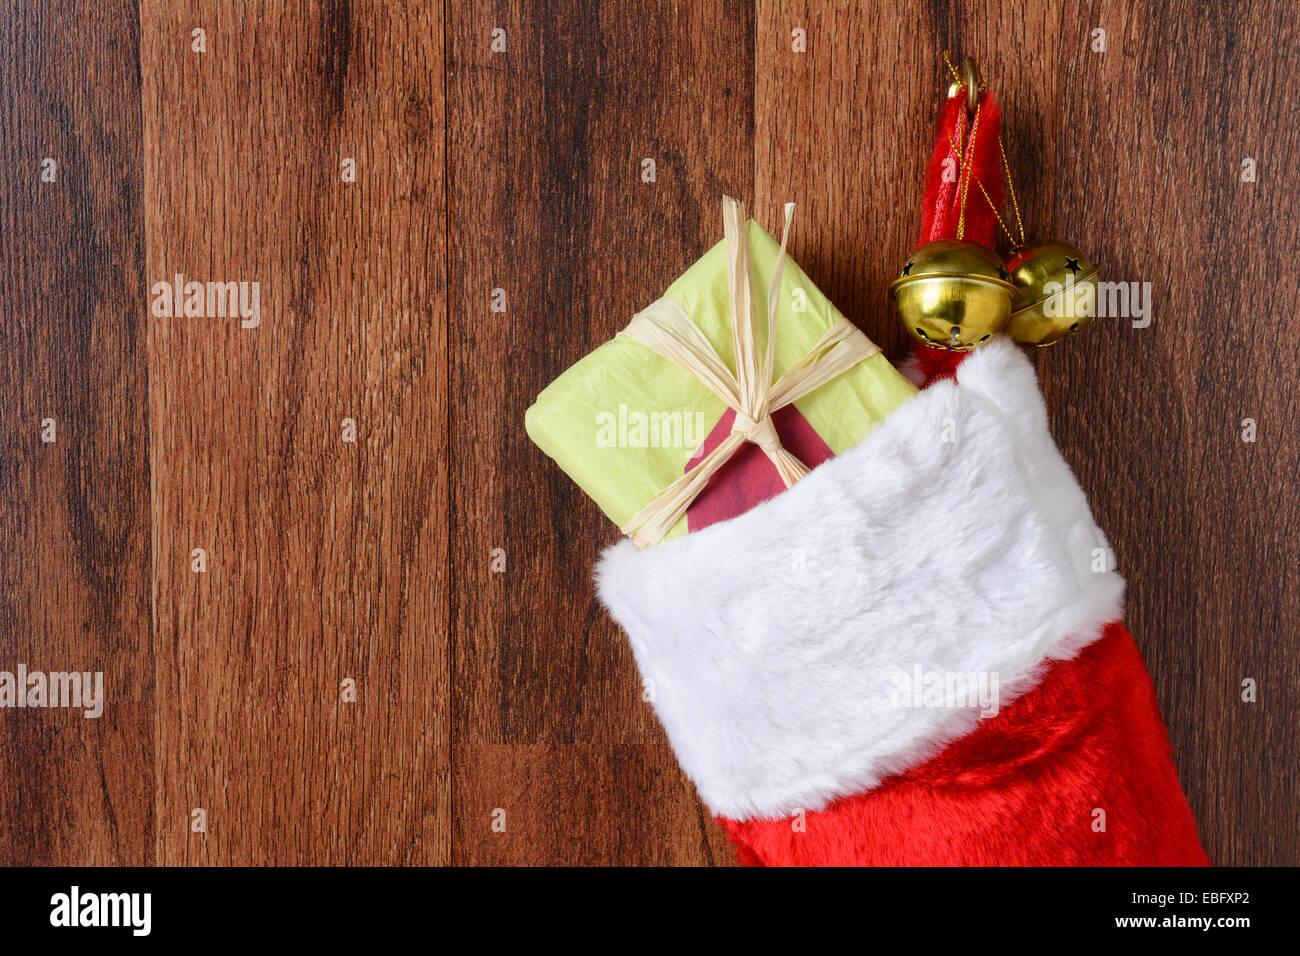 Nahaufnahme von einem Weihnachts-Strumpf voller Geschenke von einem ...